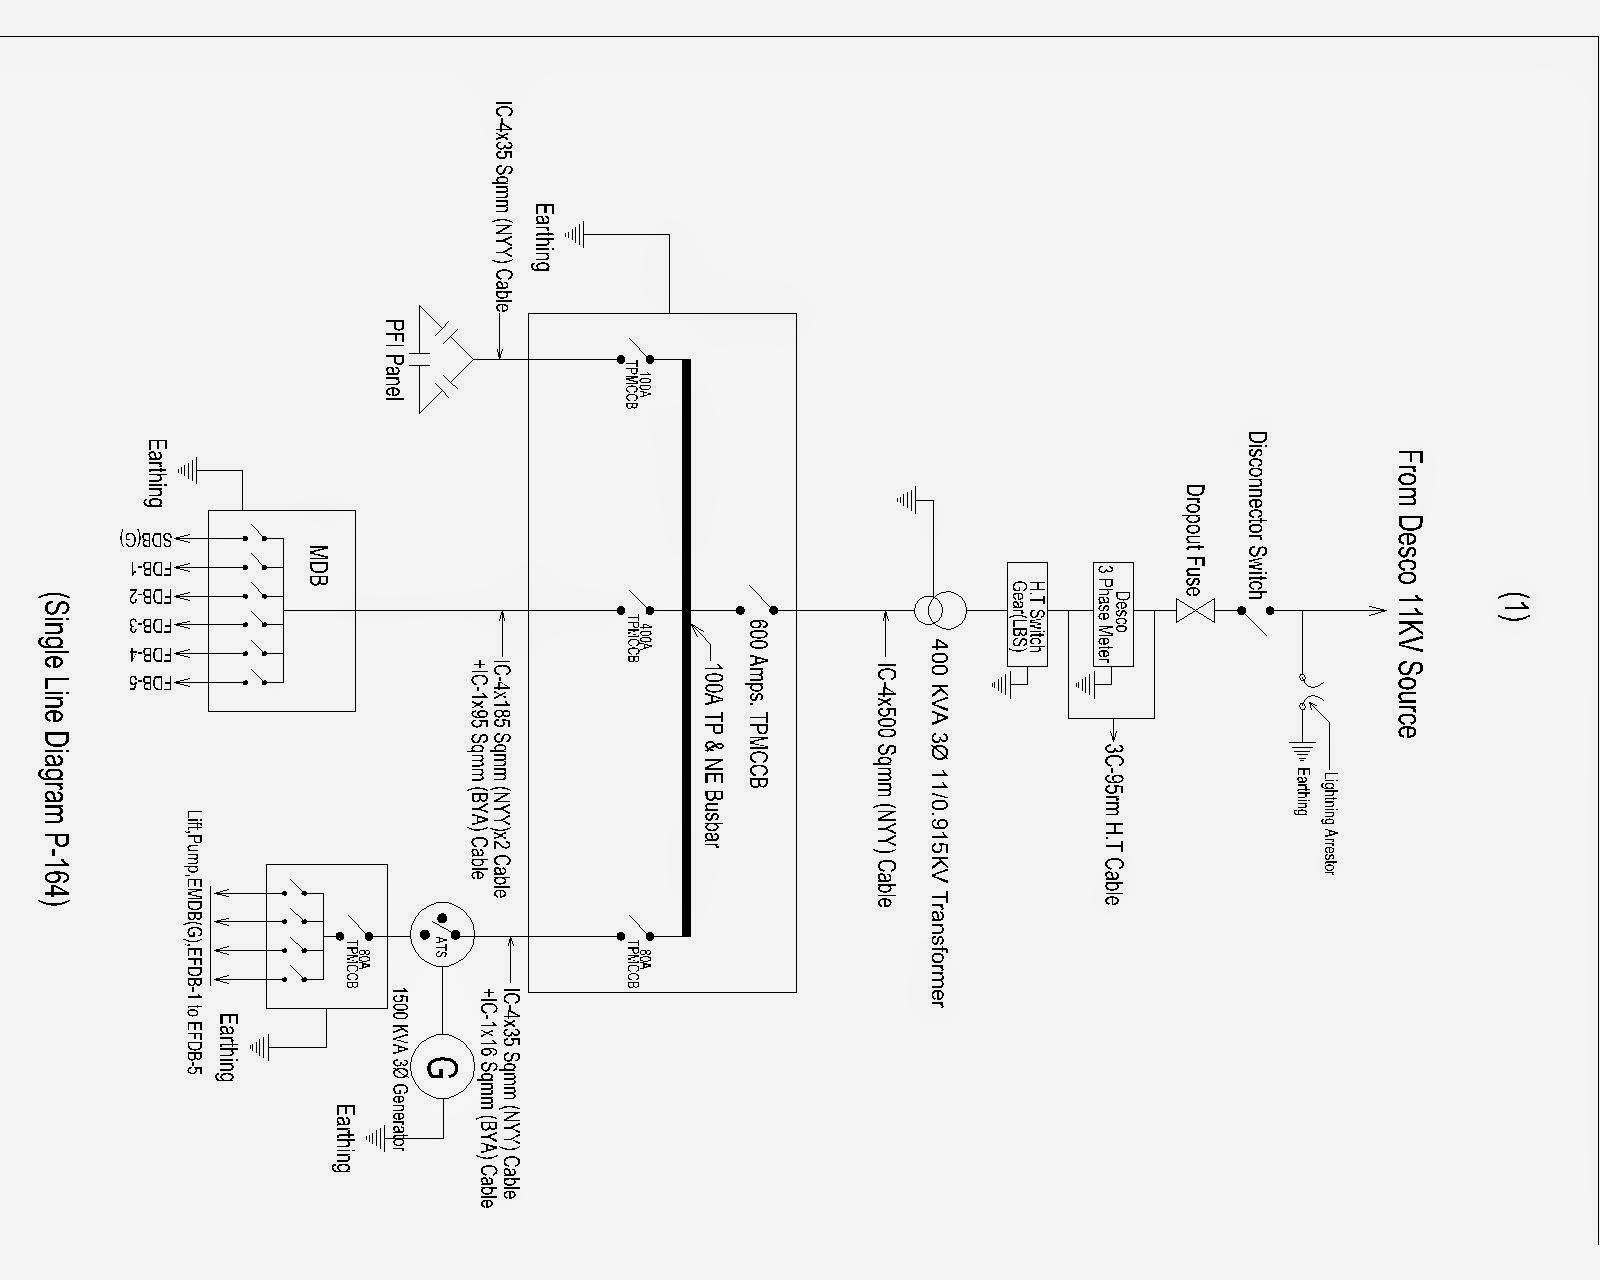 penerangan gambar single line wiring diagram free vehicle wiring 3 phase convection oven wiring diagram 3 [ 1600 x 1280 Pixel ]